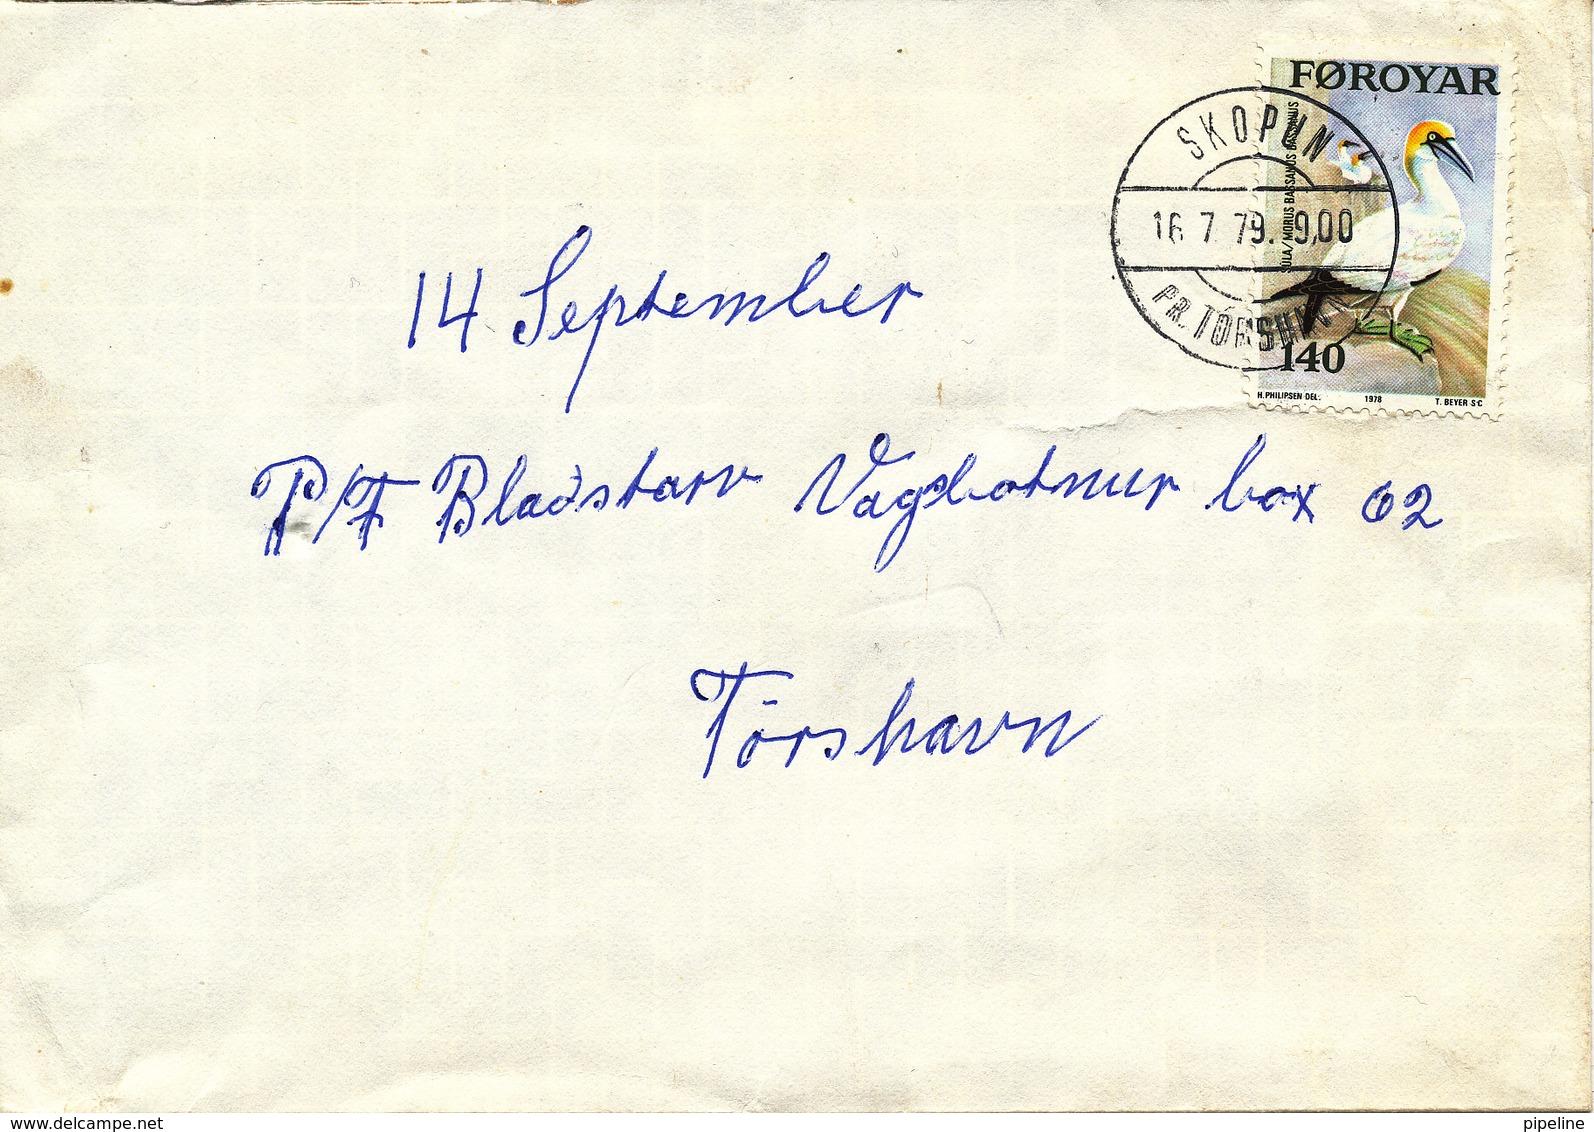 Faroe Islands Cover Skopun 16-7-1979 Single Franked BIRD - Faroe Islands